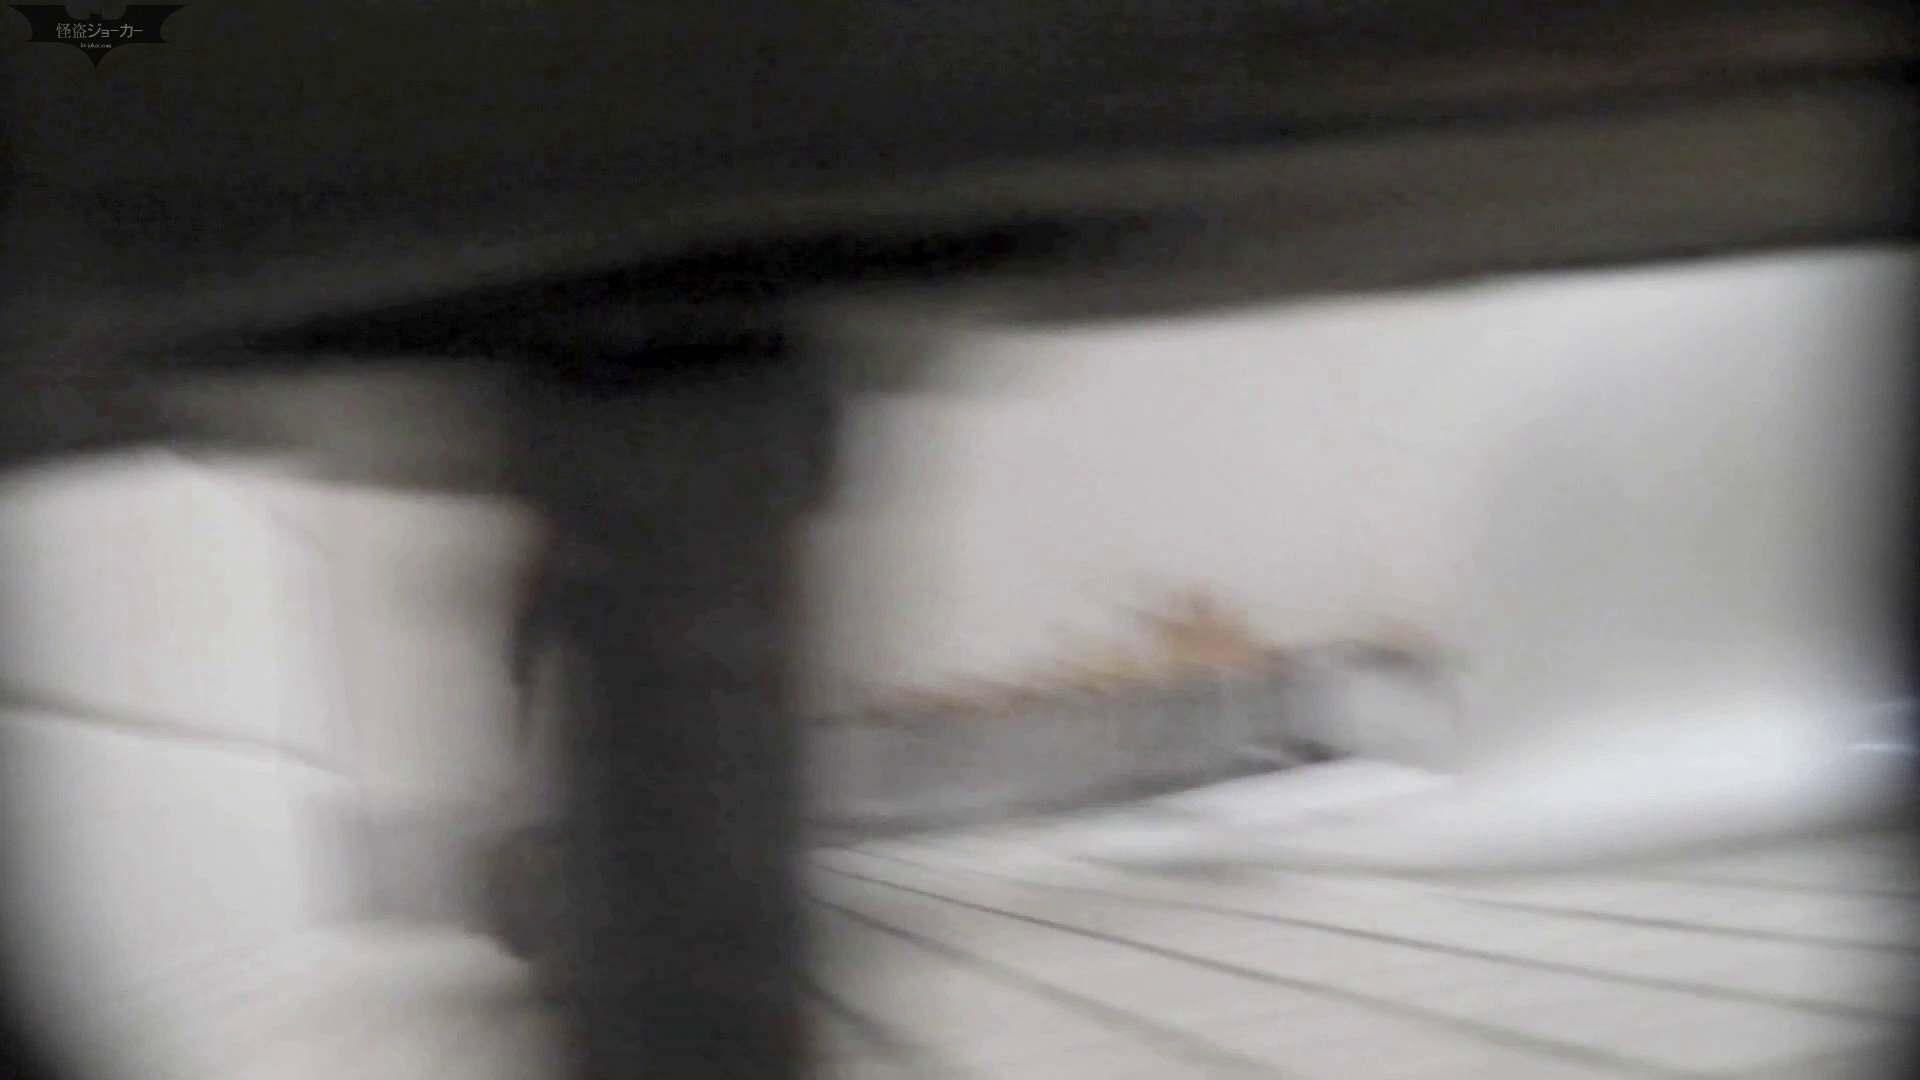 洗面所特攻隊 vol.64 運動不足?繊維不足?いやいや水分不足? 洗面所シーン   ギャルズ  108画像 73